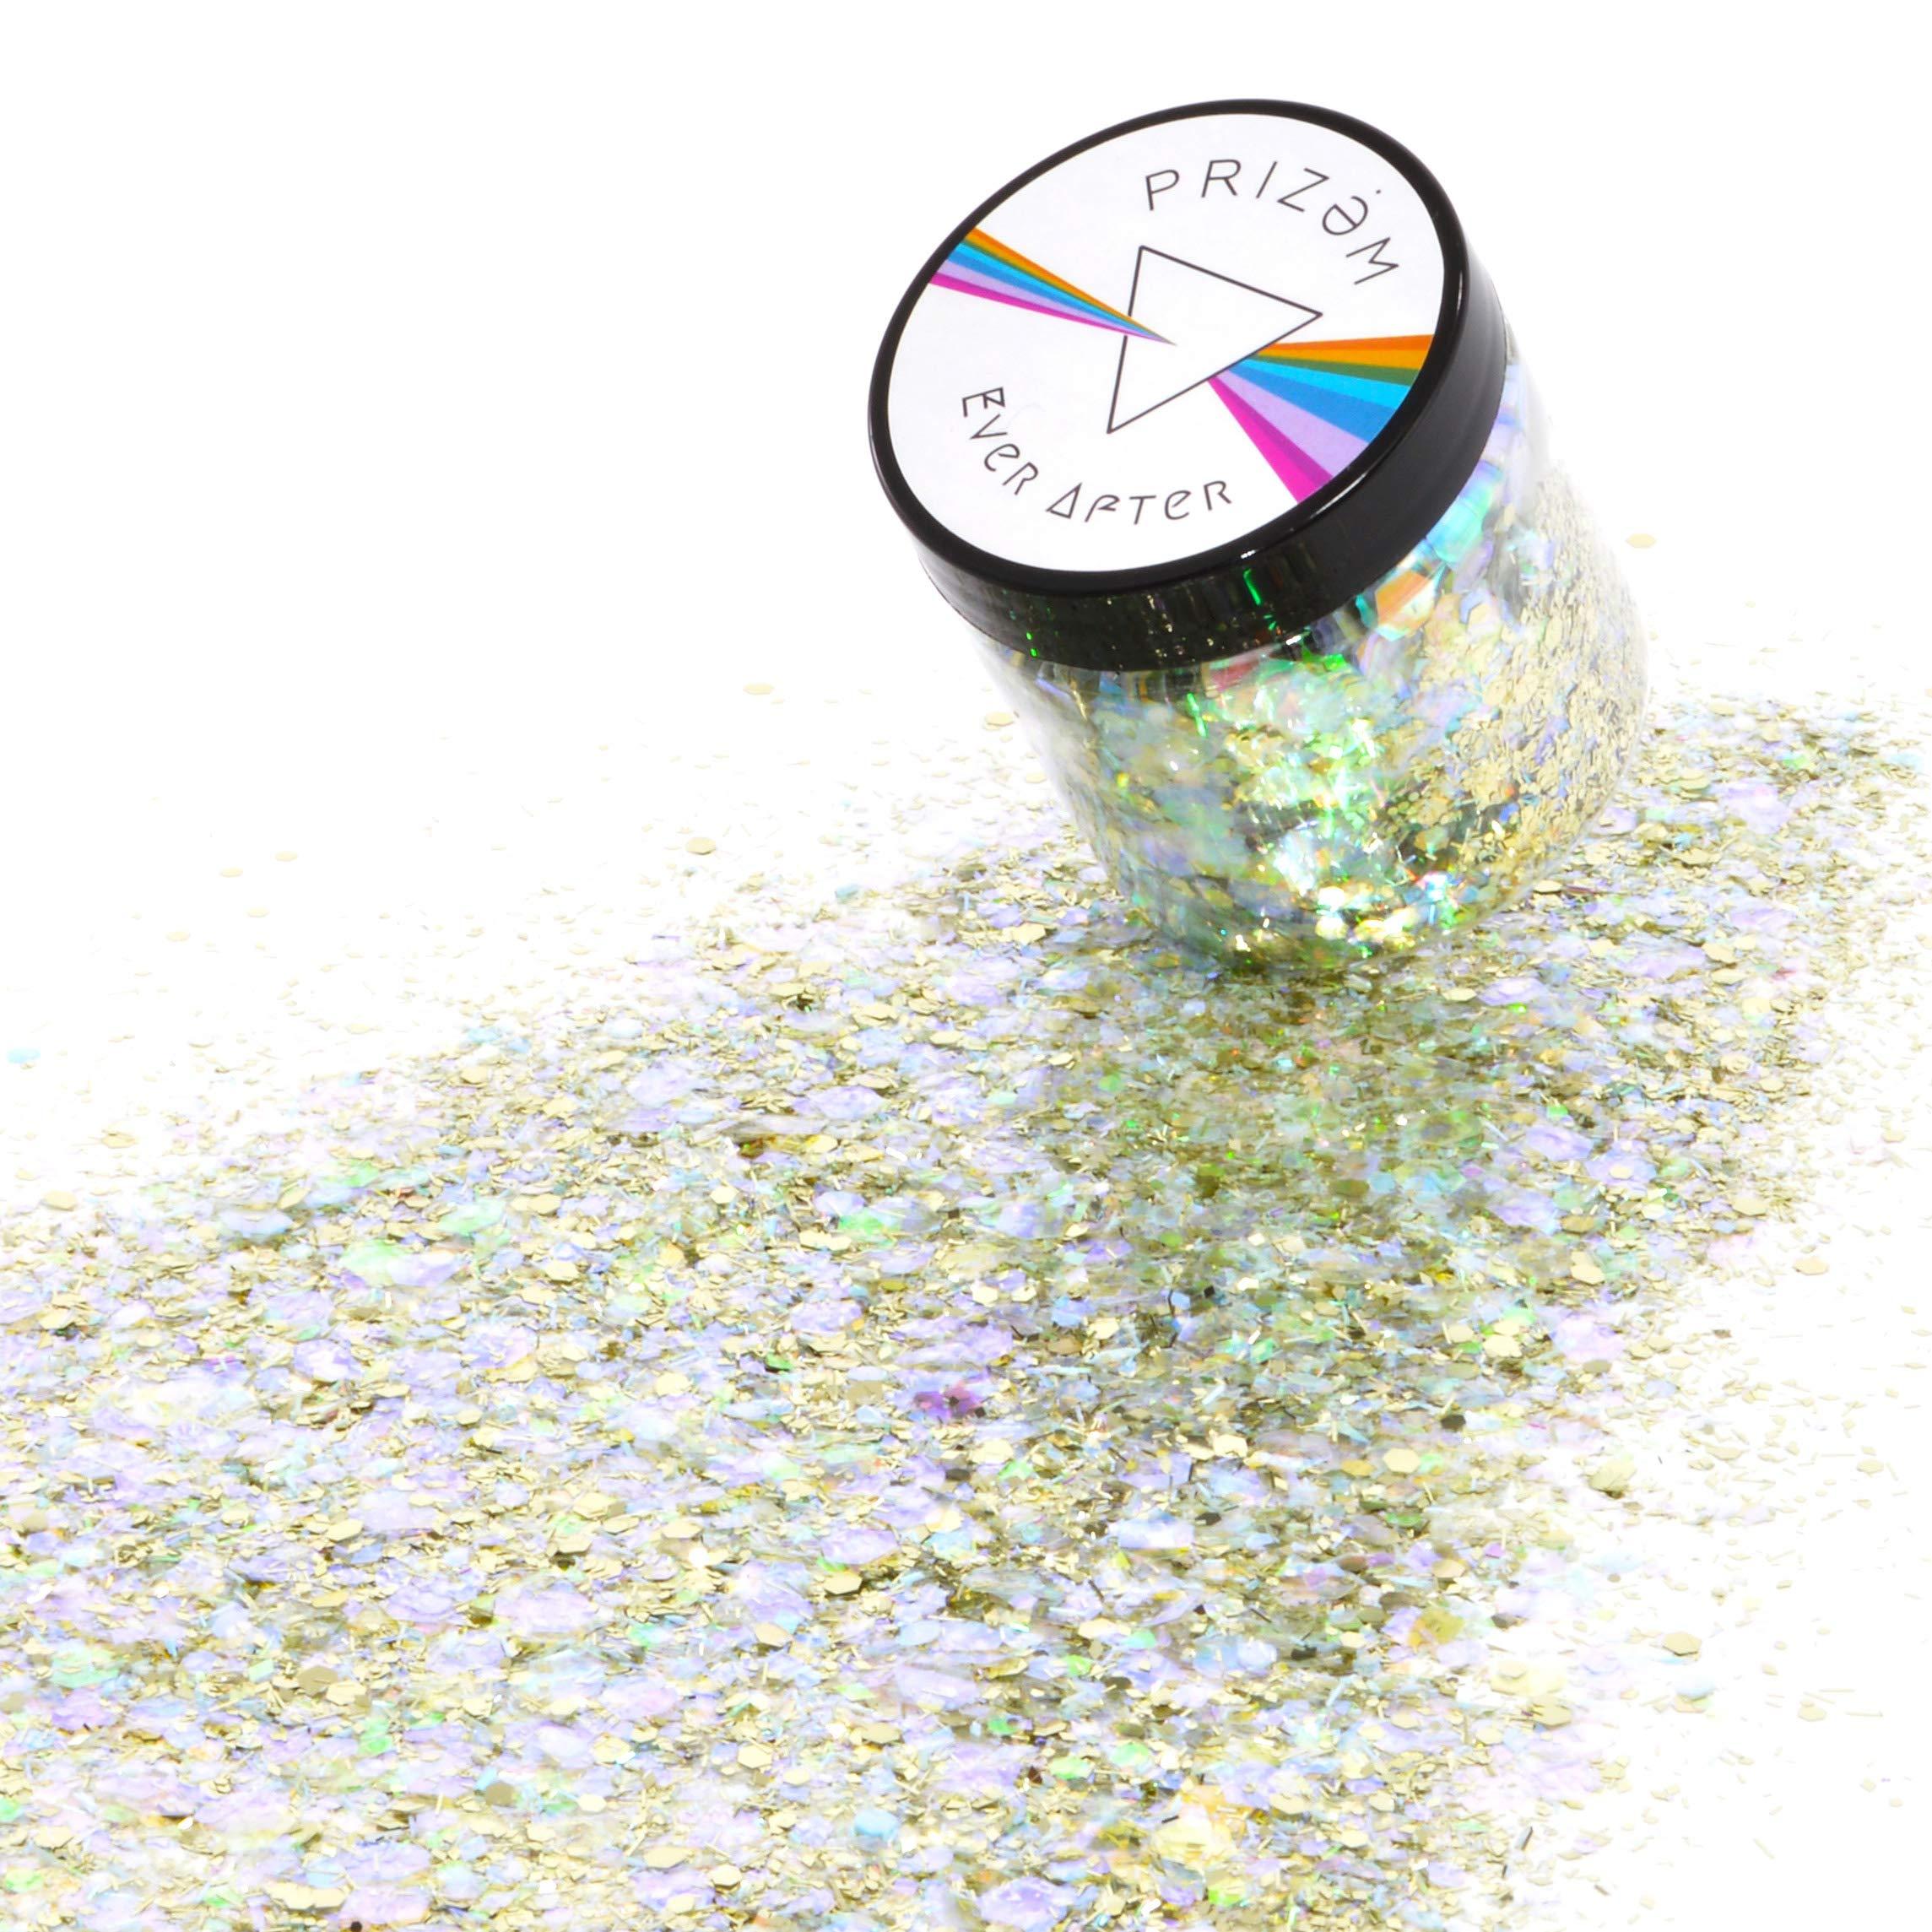 Ever After Glitter ▽ 60g ▽ Festival Glitter , Chunky Glitter , Makeup Glitter , Face Glitter , Body Glitter , Glitter Makeup , Hair Glitter , Cosmetic Glitter , Nail Glitter , Eyeshadow Glitter